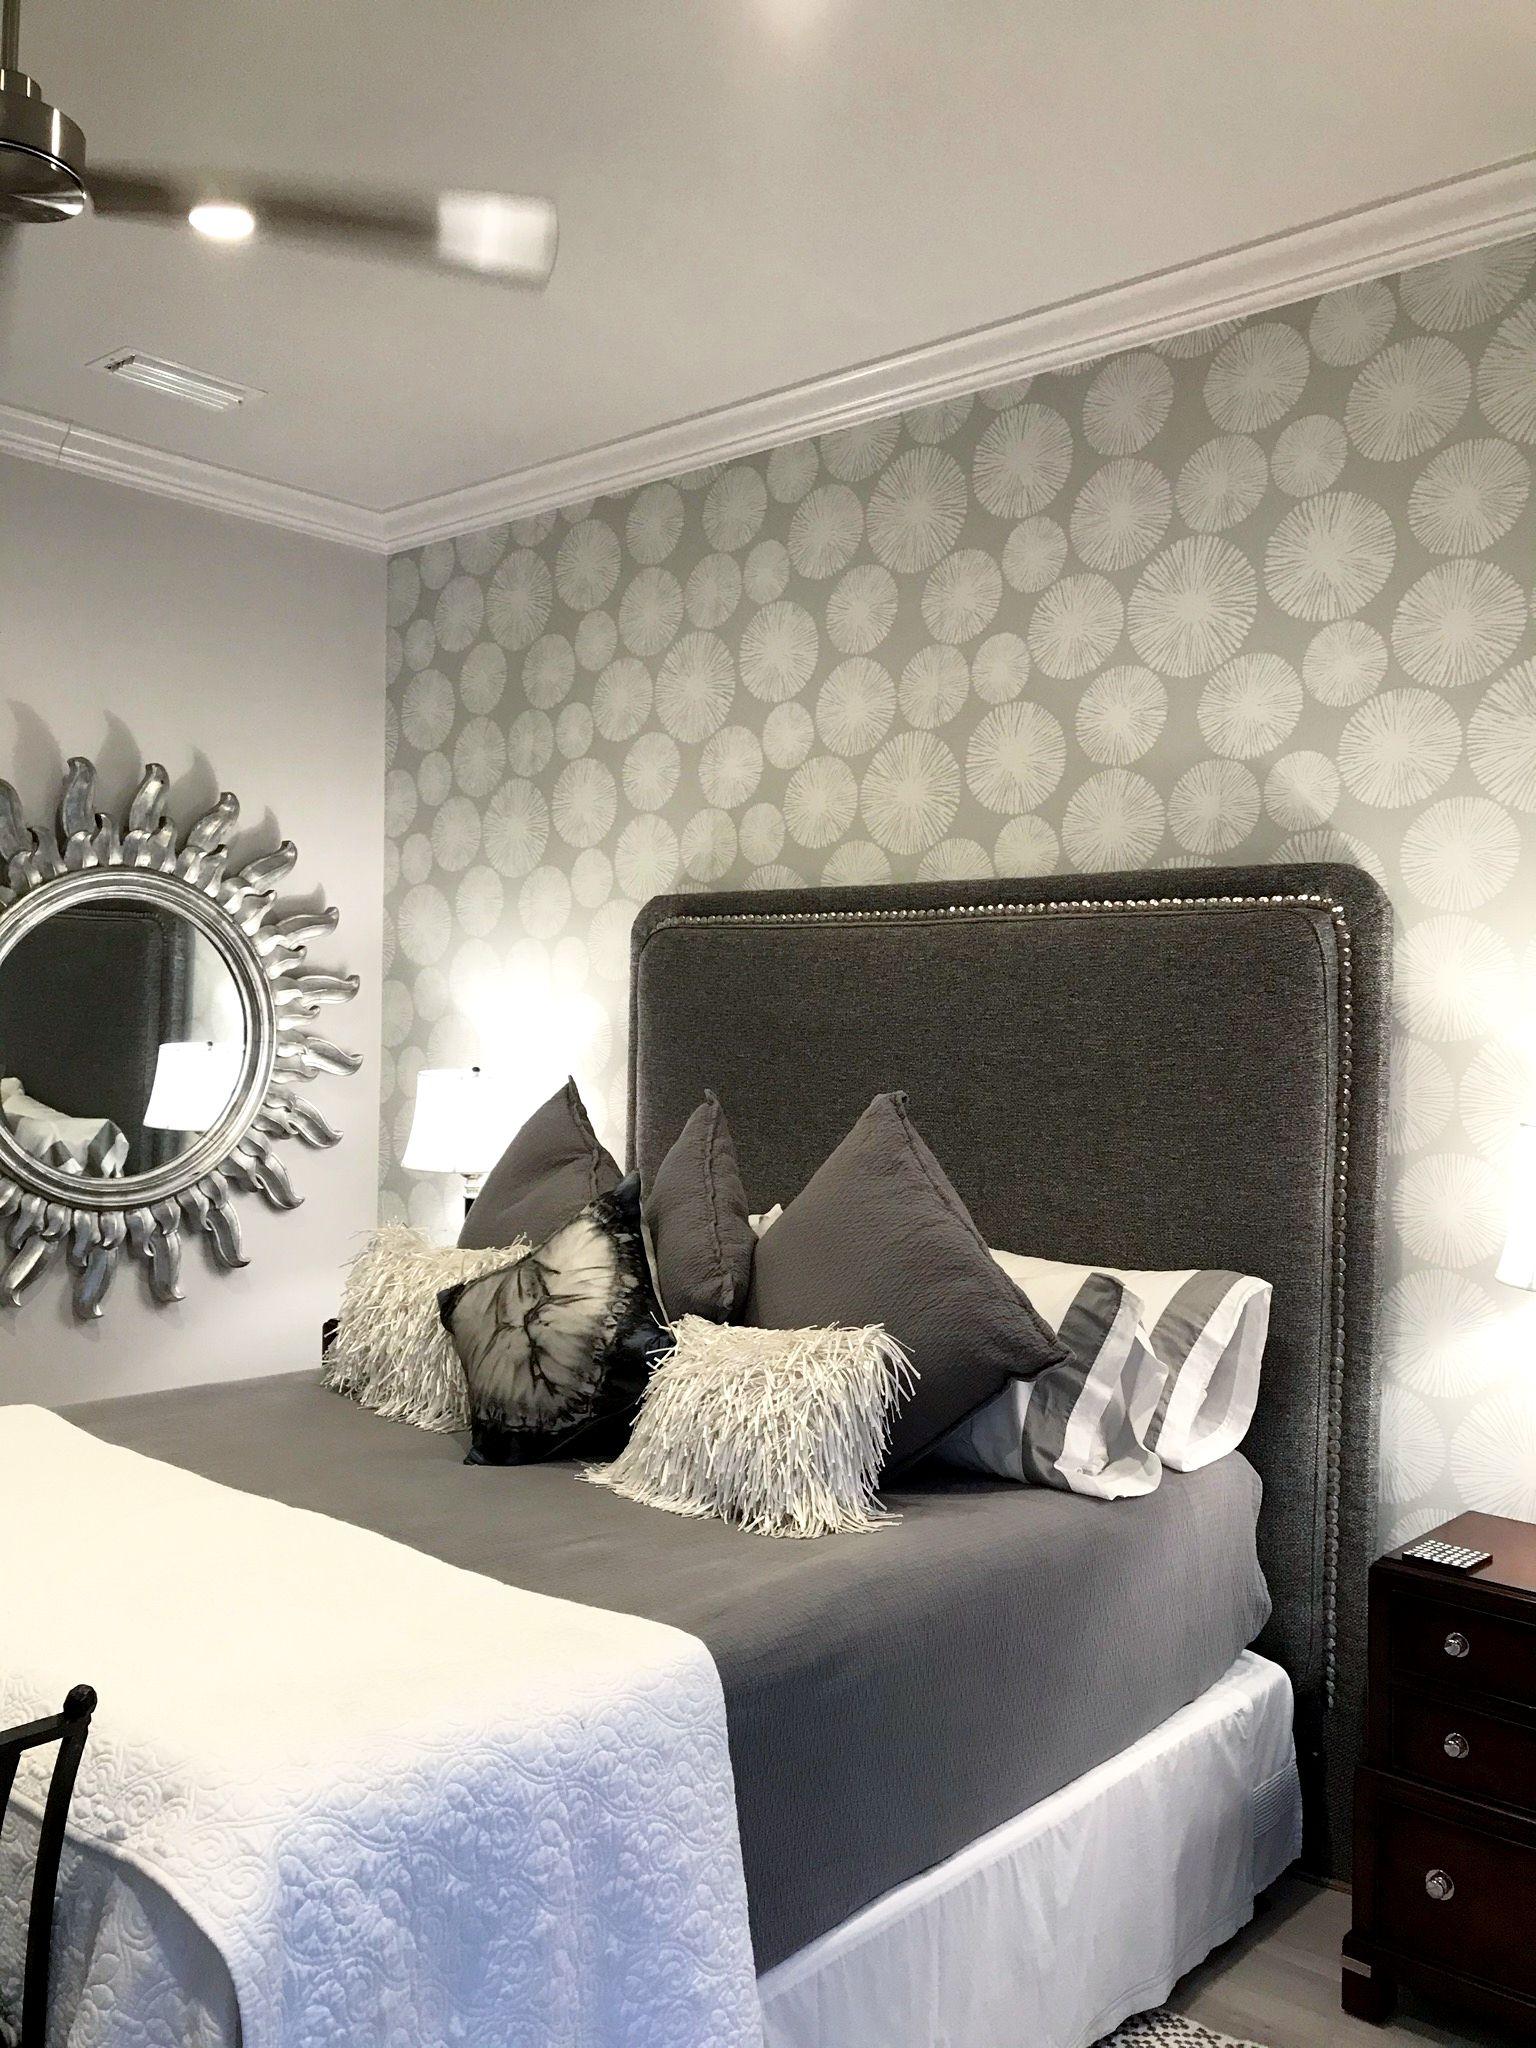 Interior Design By Garden Street Fabrics In 2020 Interior Design Home Interior